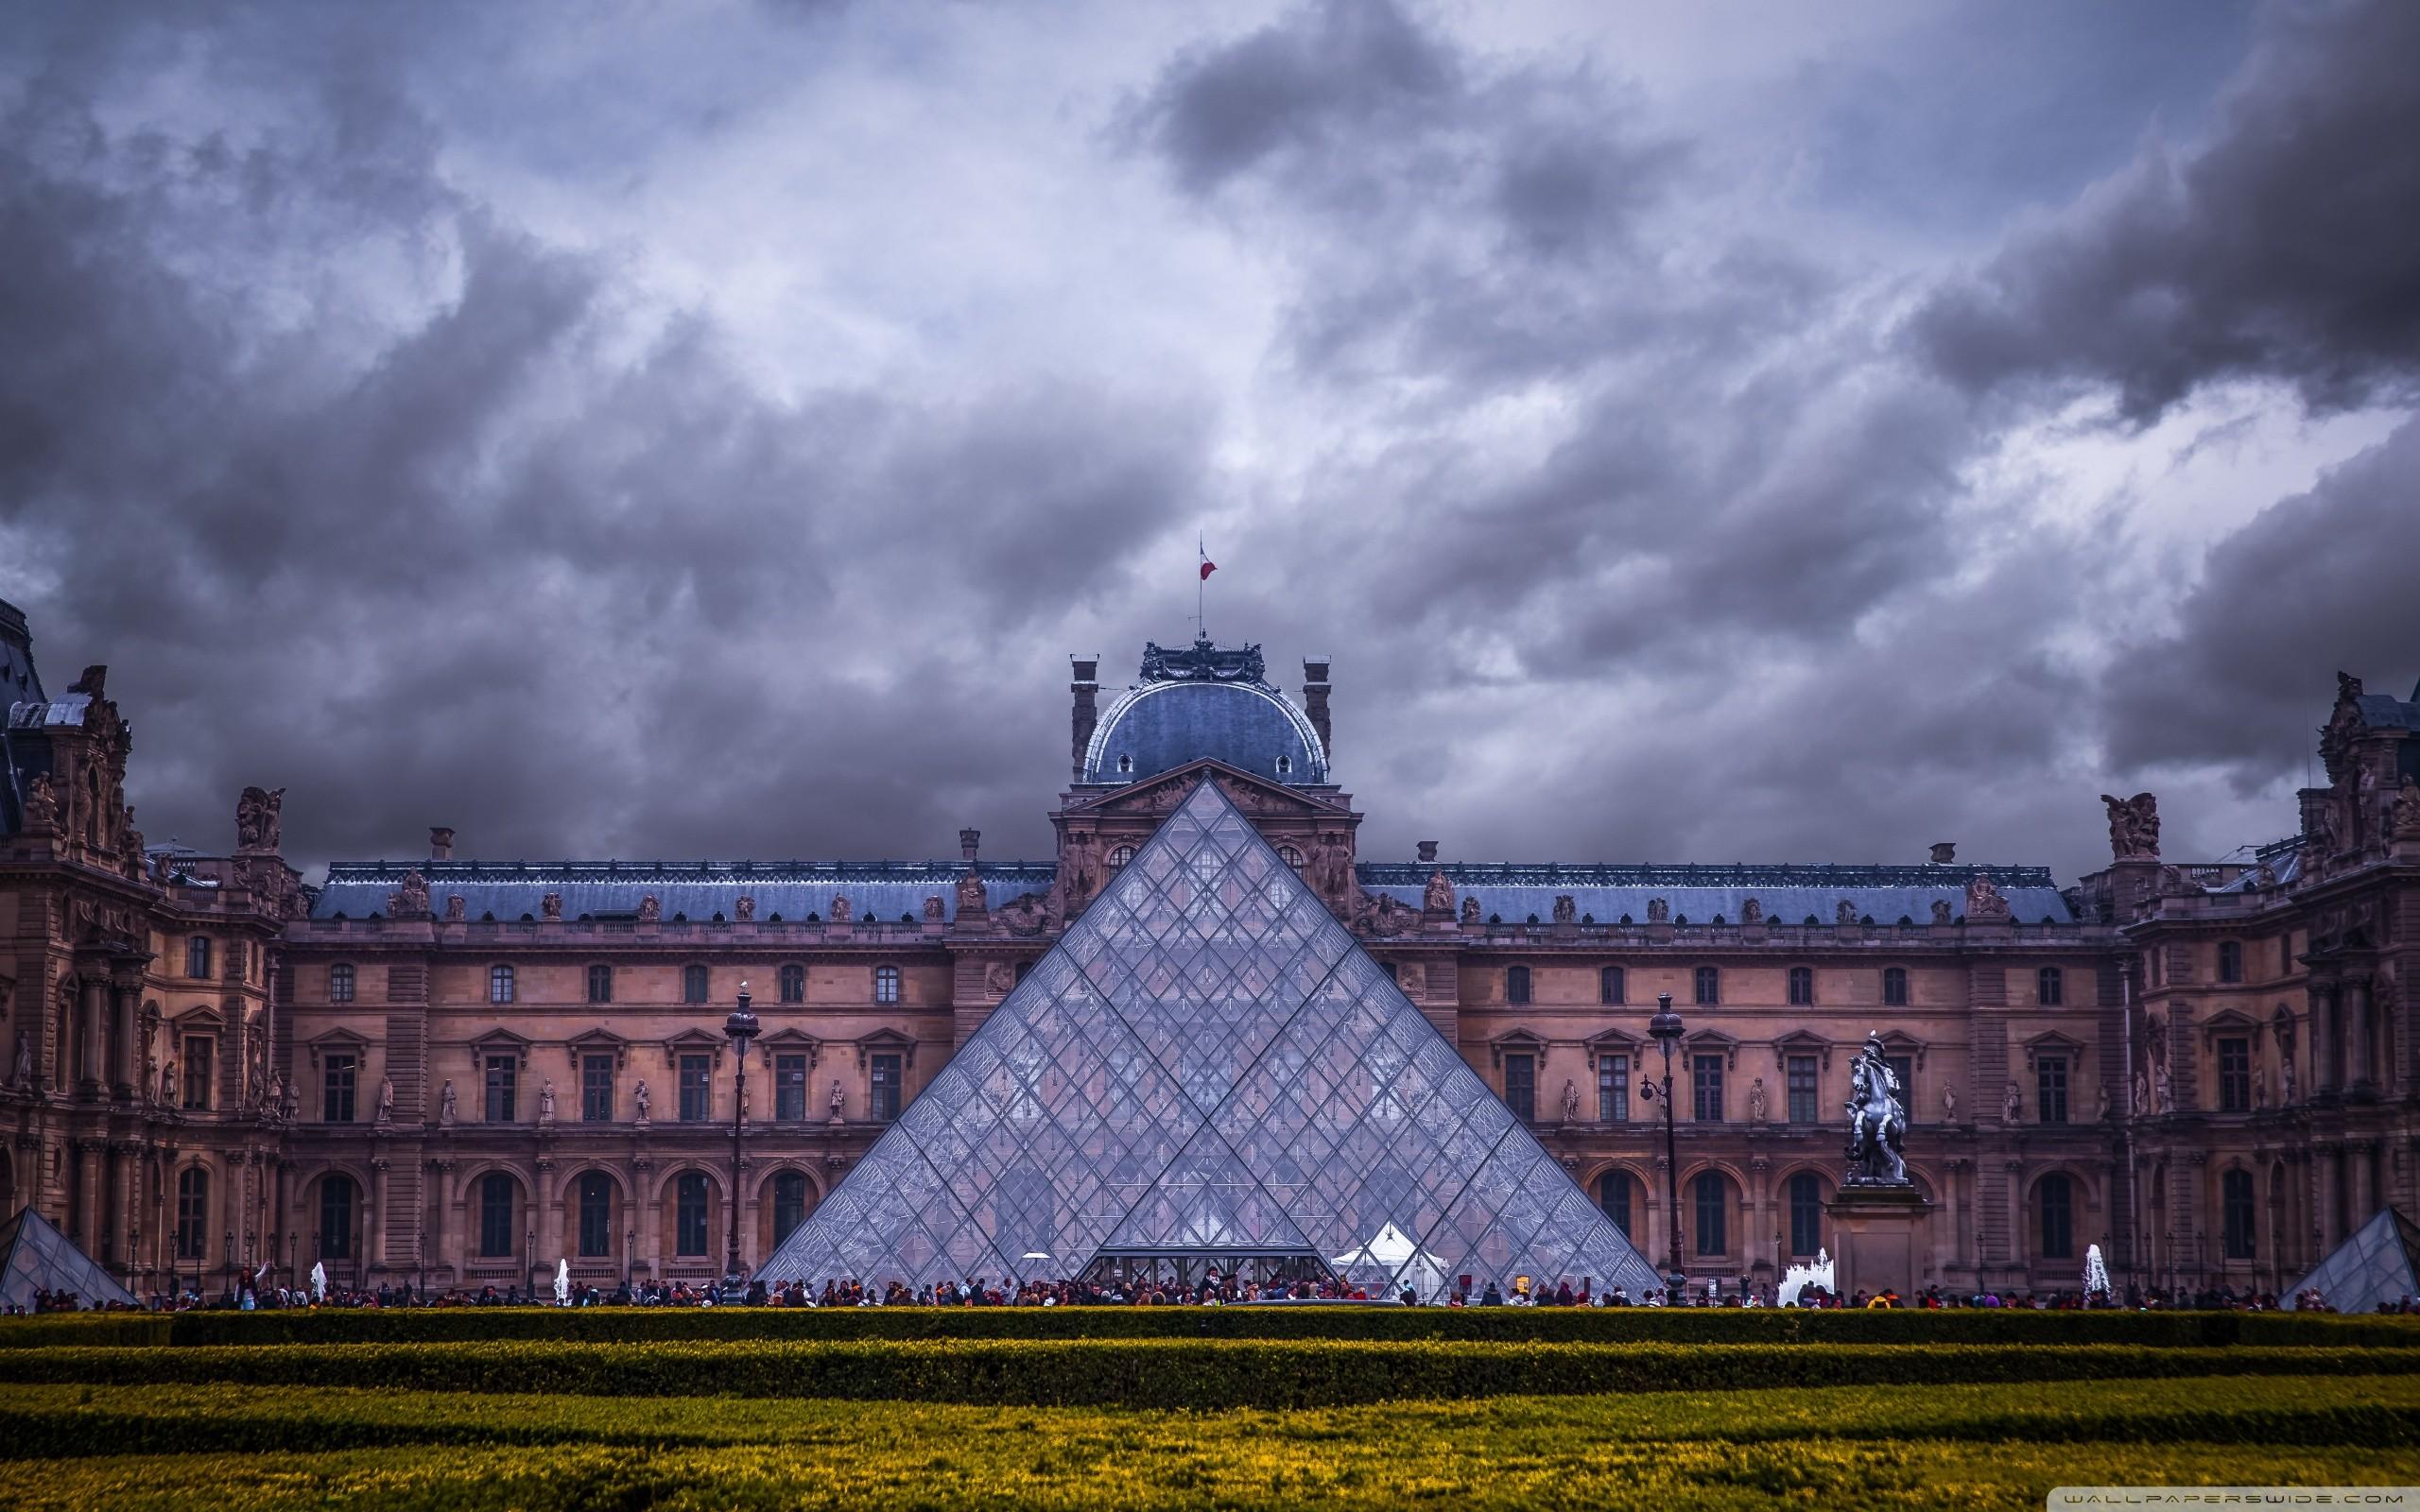 Paris France Wallpaper Desktop (72+ images)